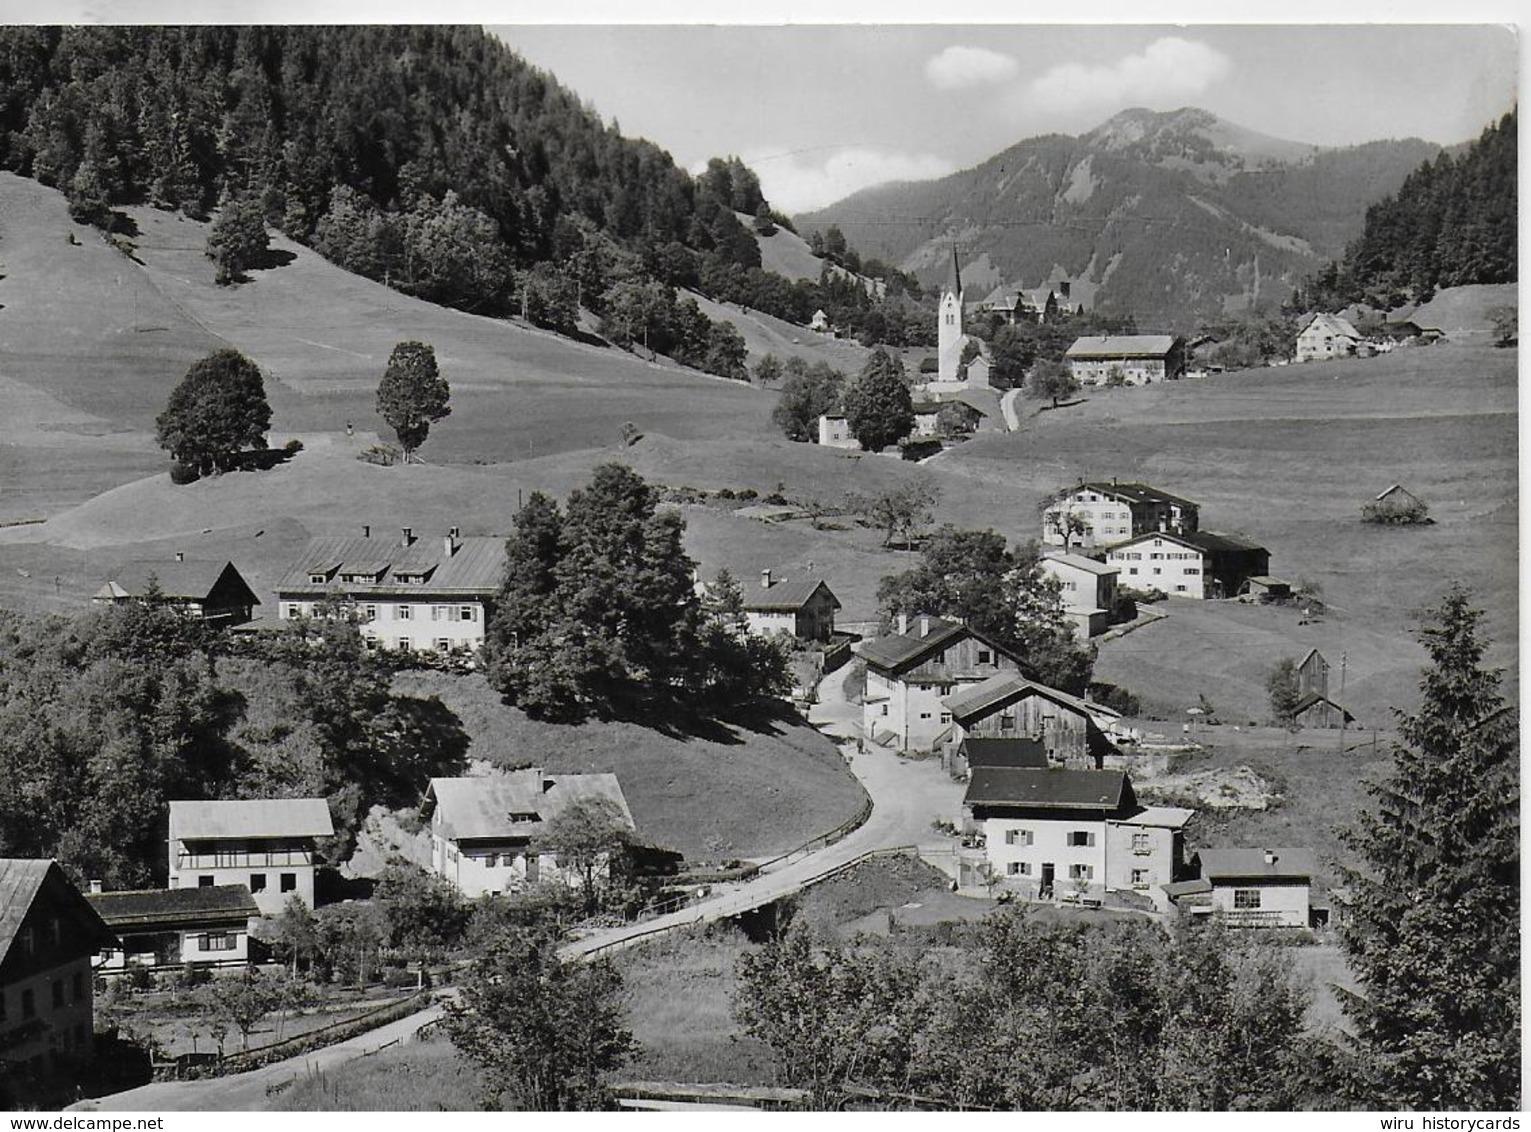 AK 0324  Tiefenbach Bei Oberstdorf - Verlag Ruminy Um 1960 - Oberstdorf